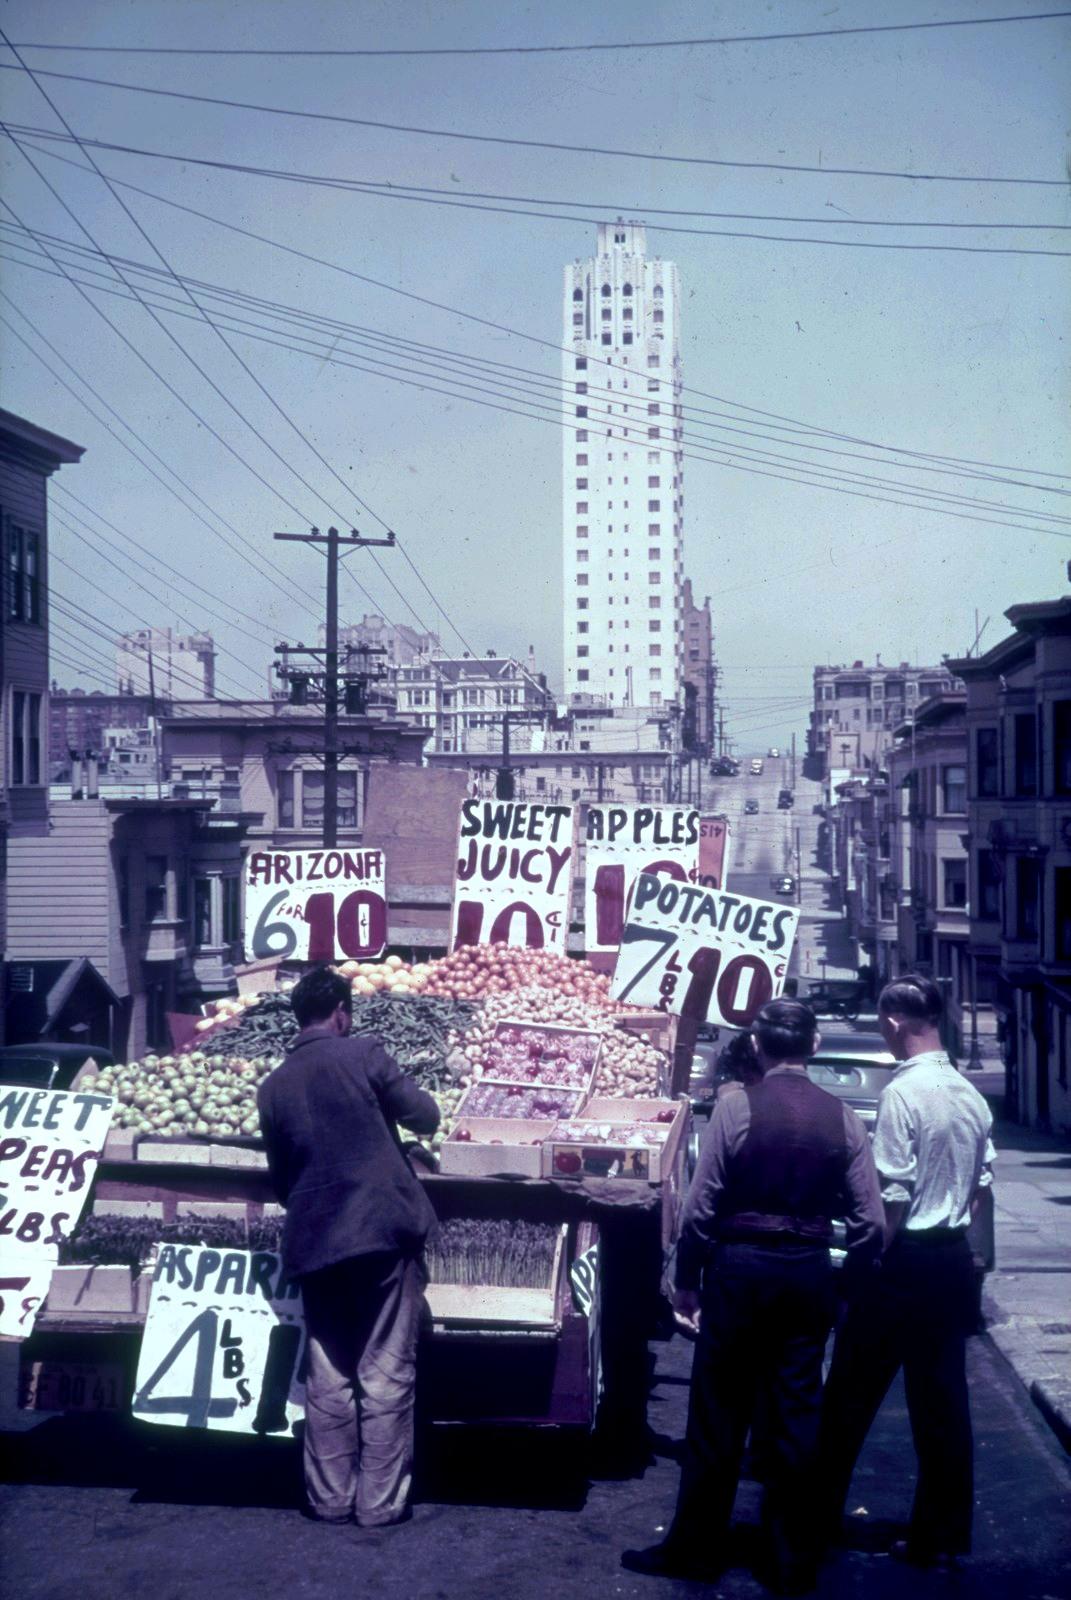 Сан-Франциско. Уличная продажа фруктов и овощей